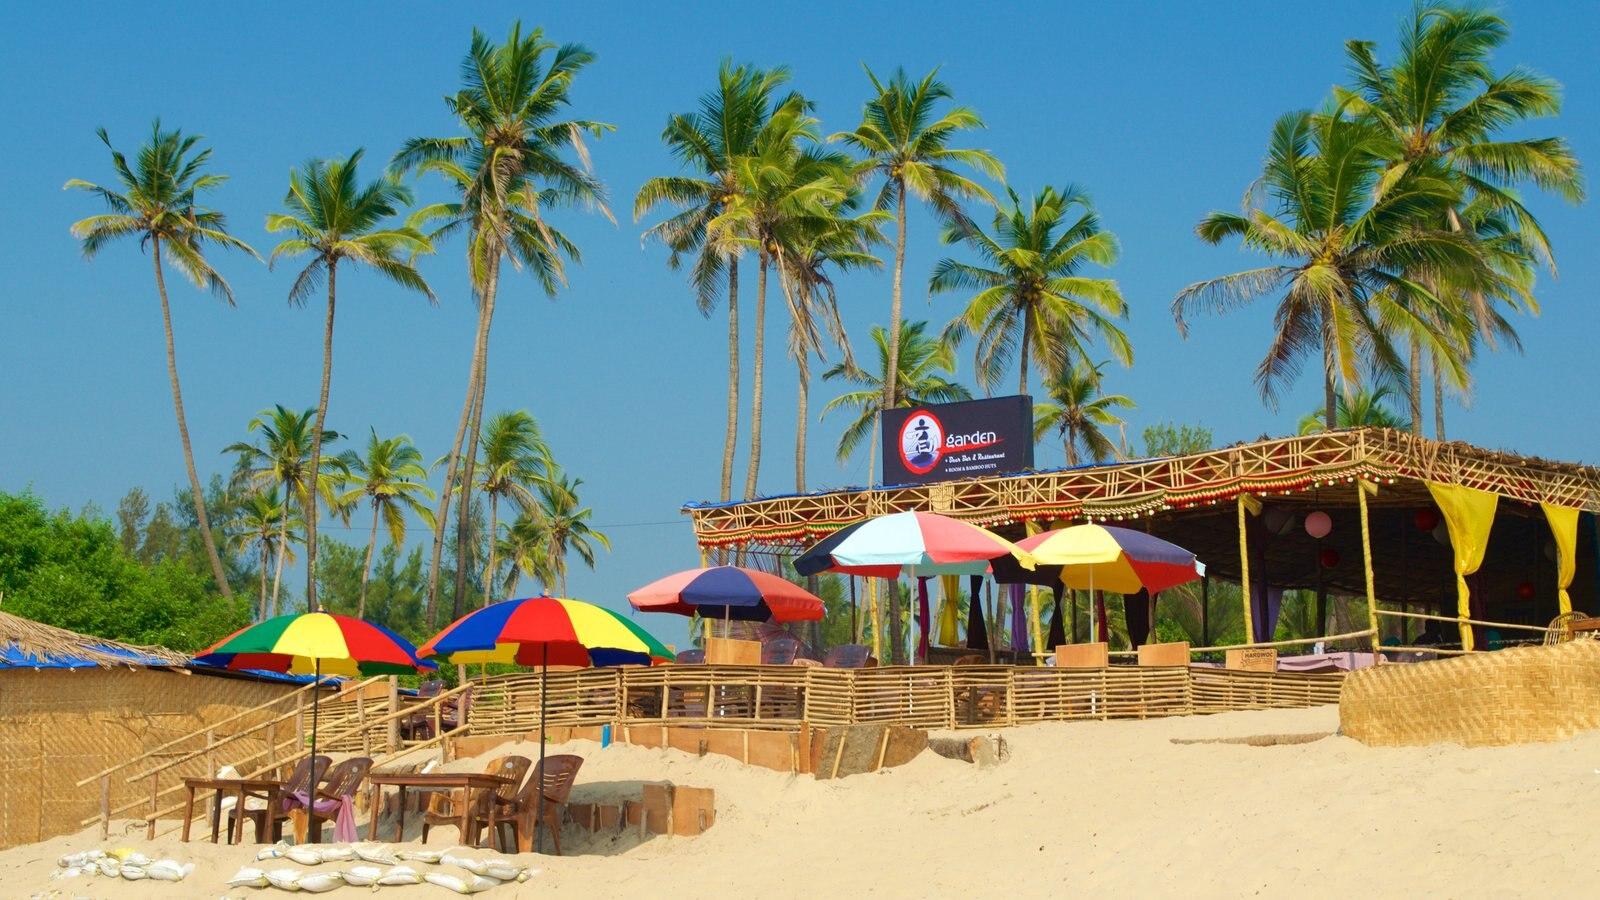 Пляж Мандрем: лучшие советы перед посещением - TripAdvisor 23